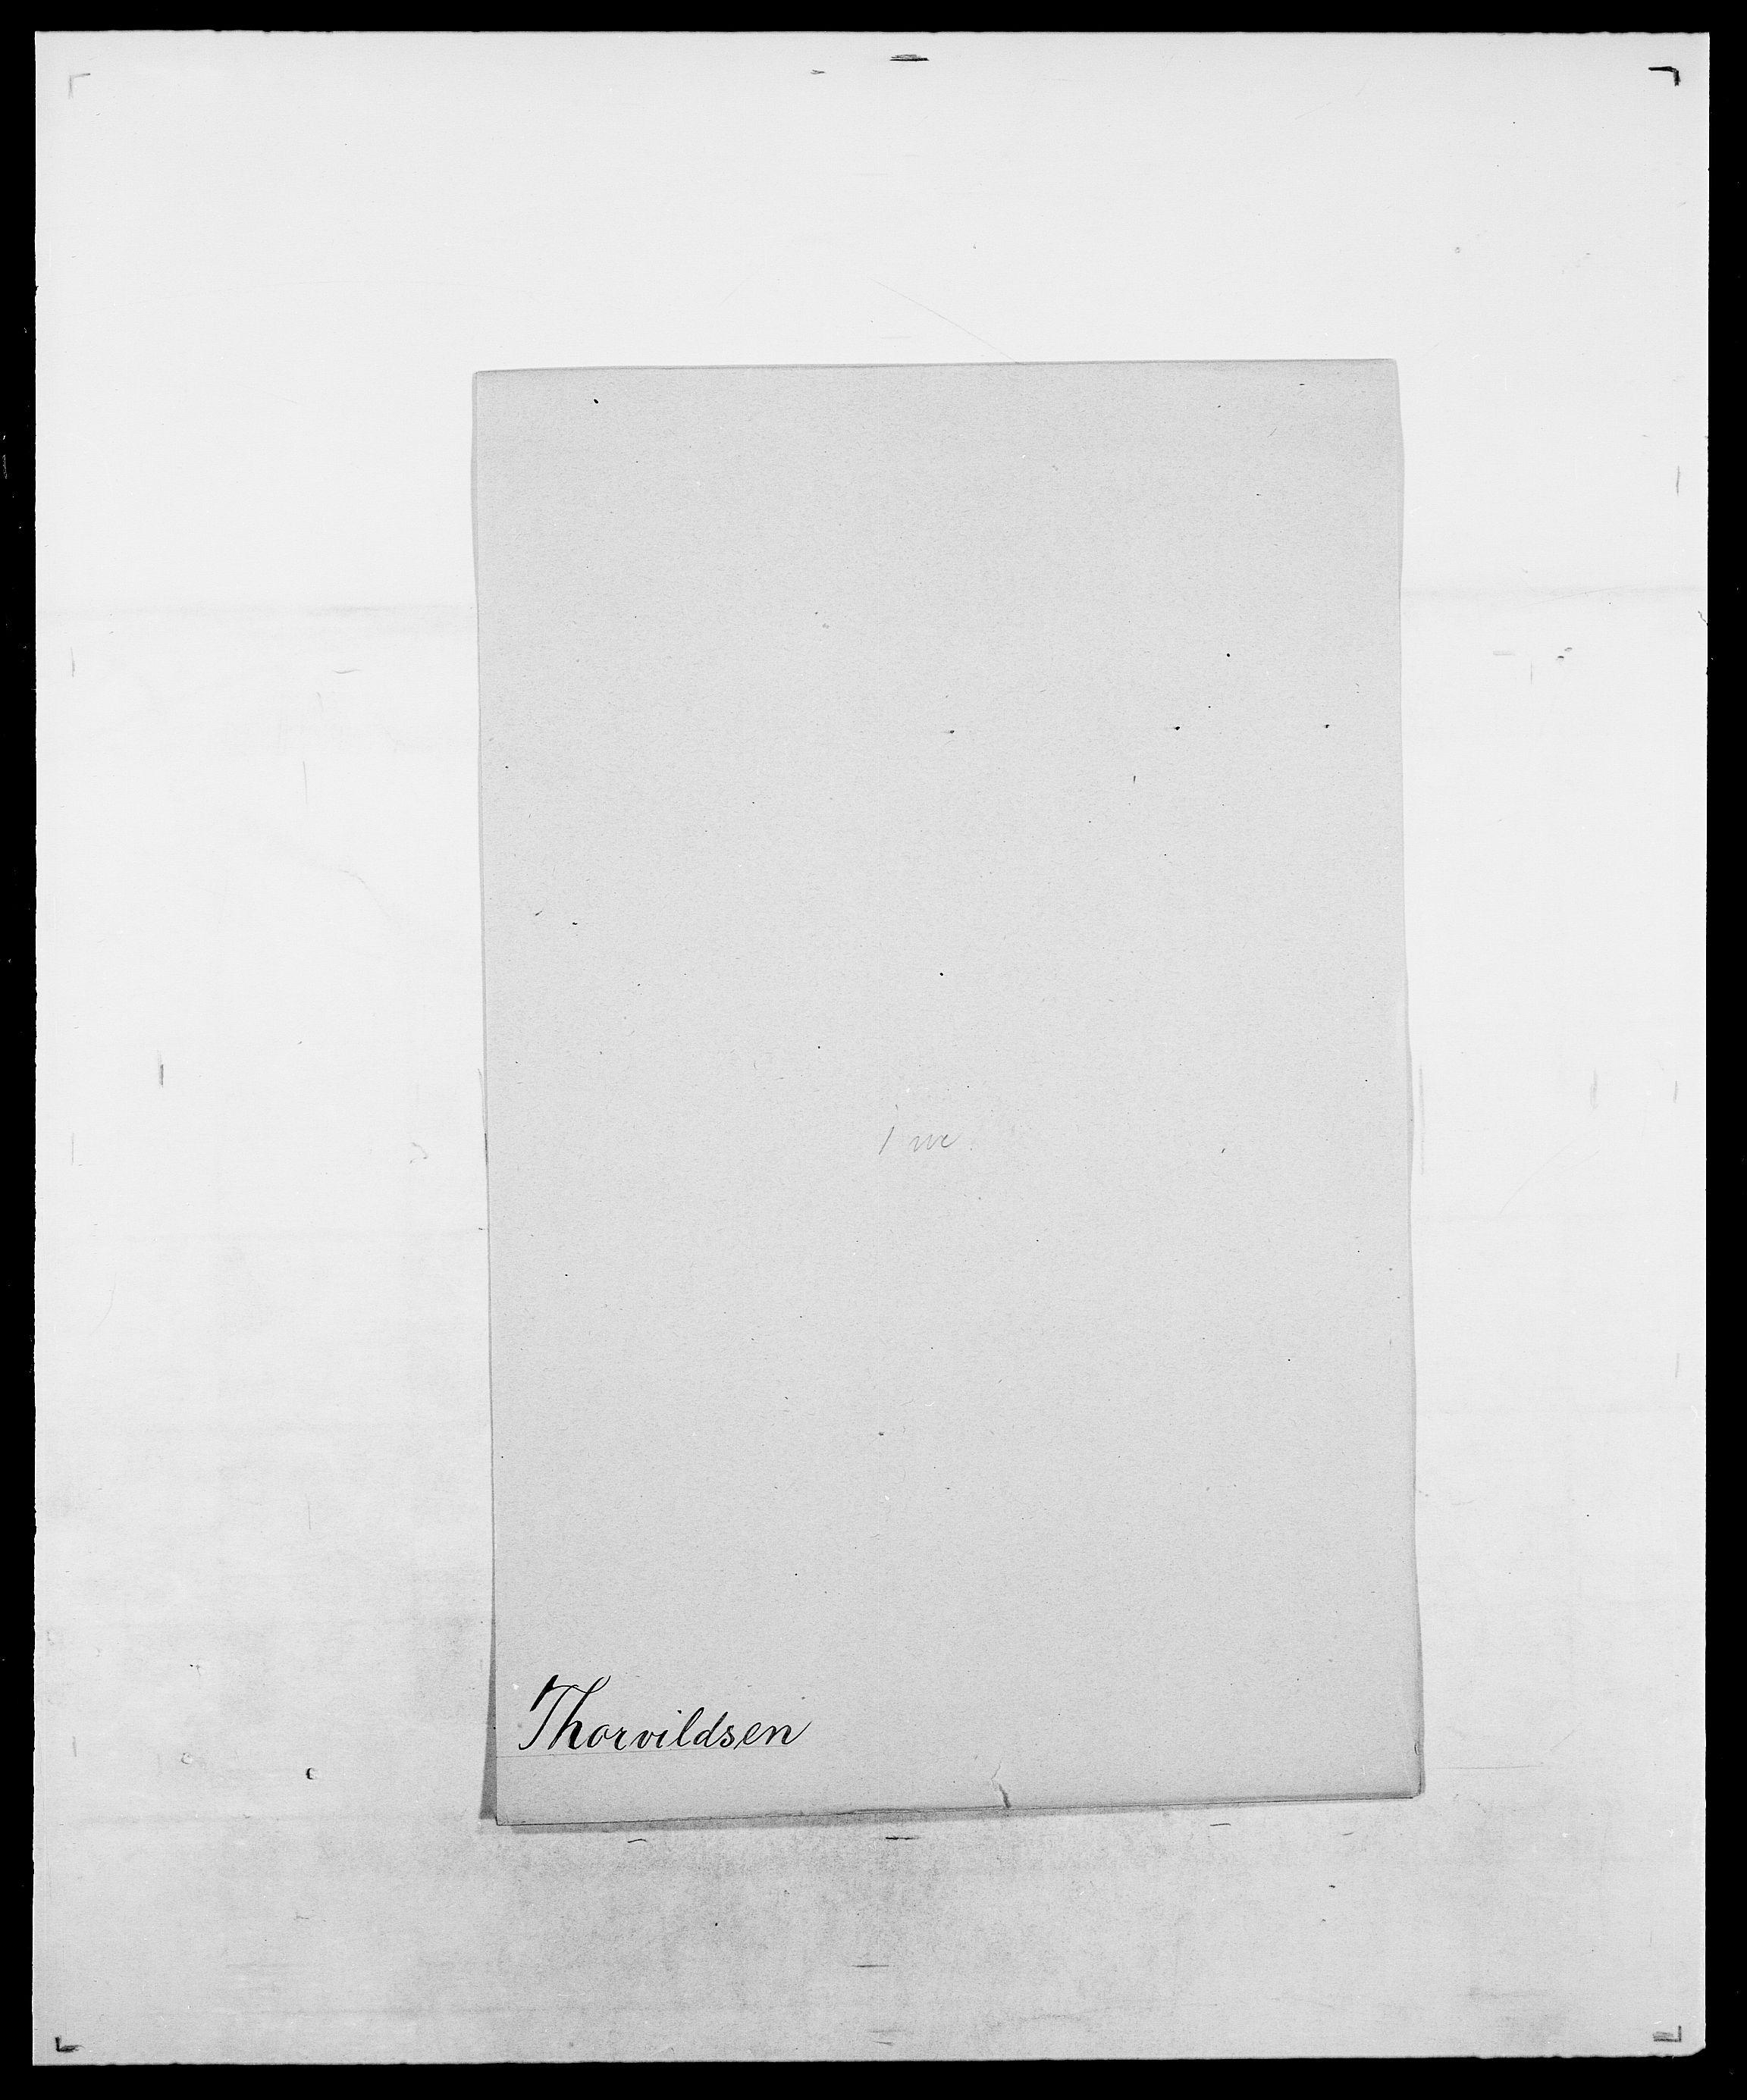 SAO, Delgobe, Charles Antoine - samling, D/Da/L0038: Svanenskjold - Thornsohn, s. 930